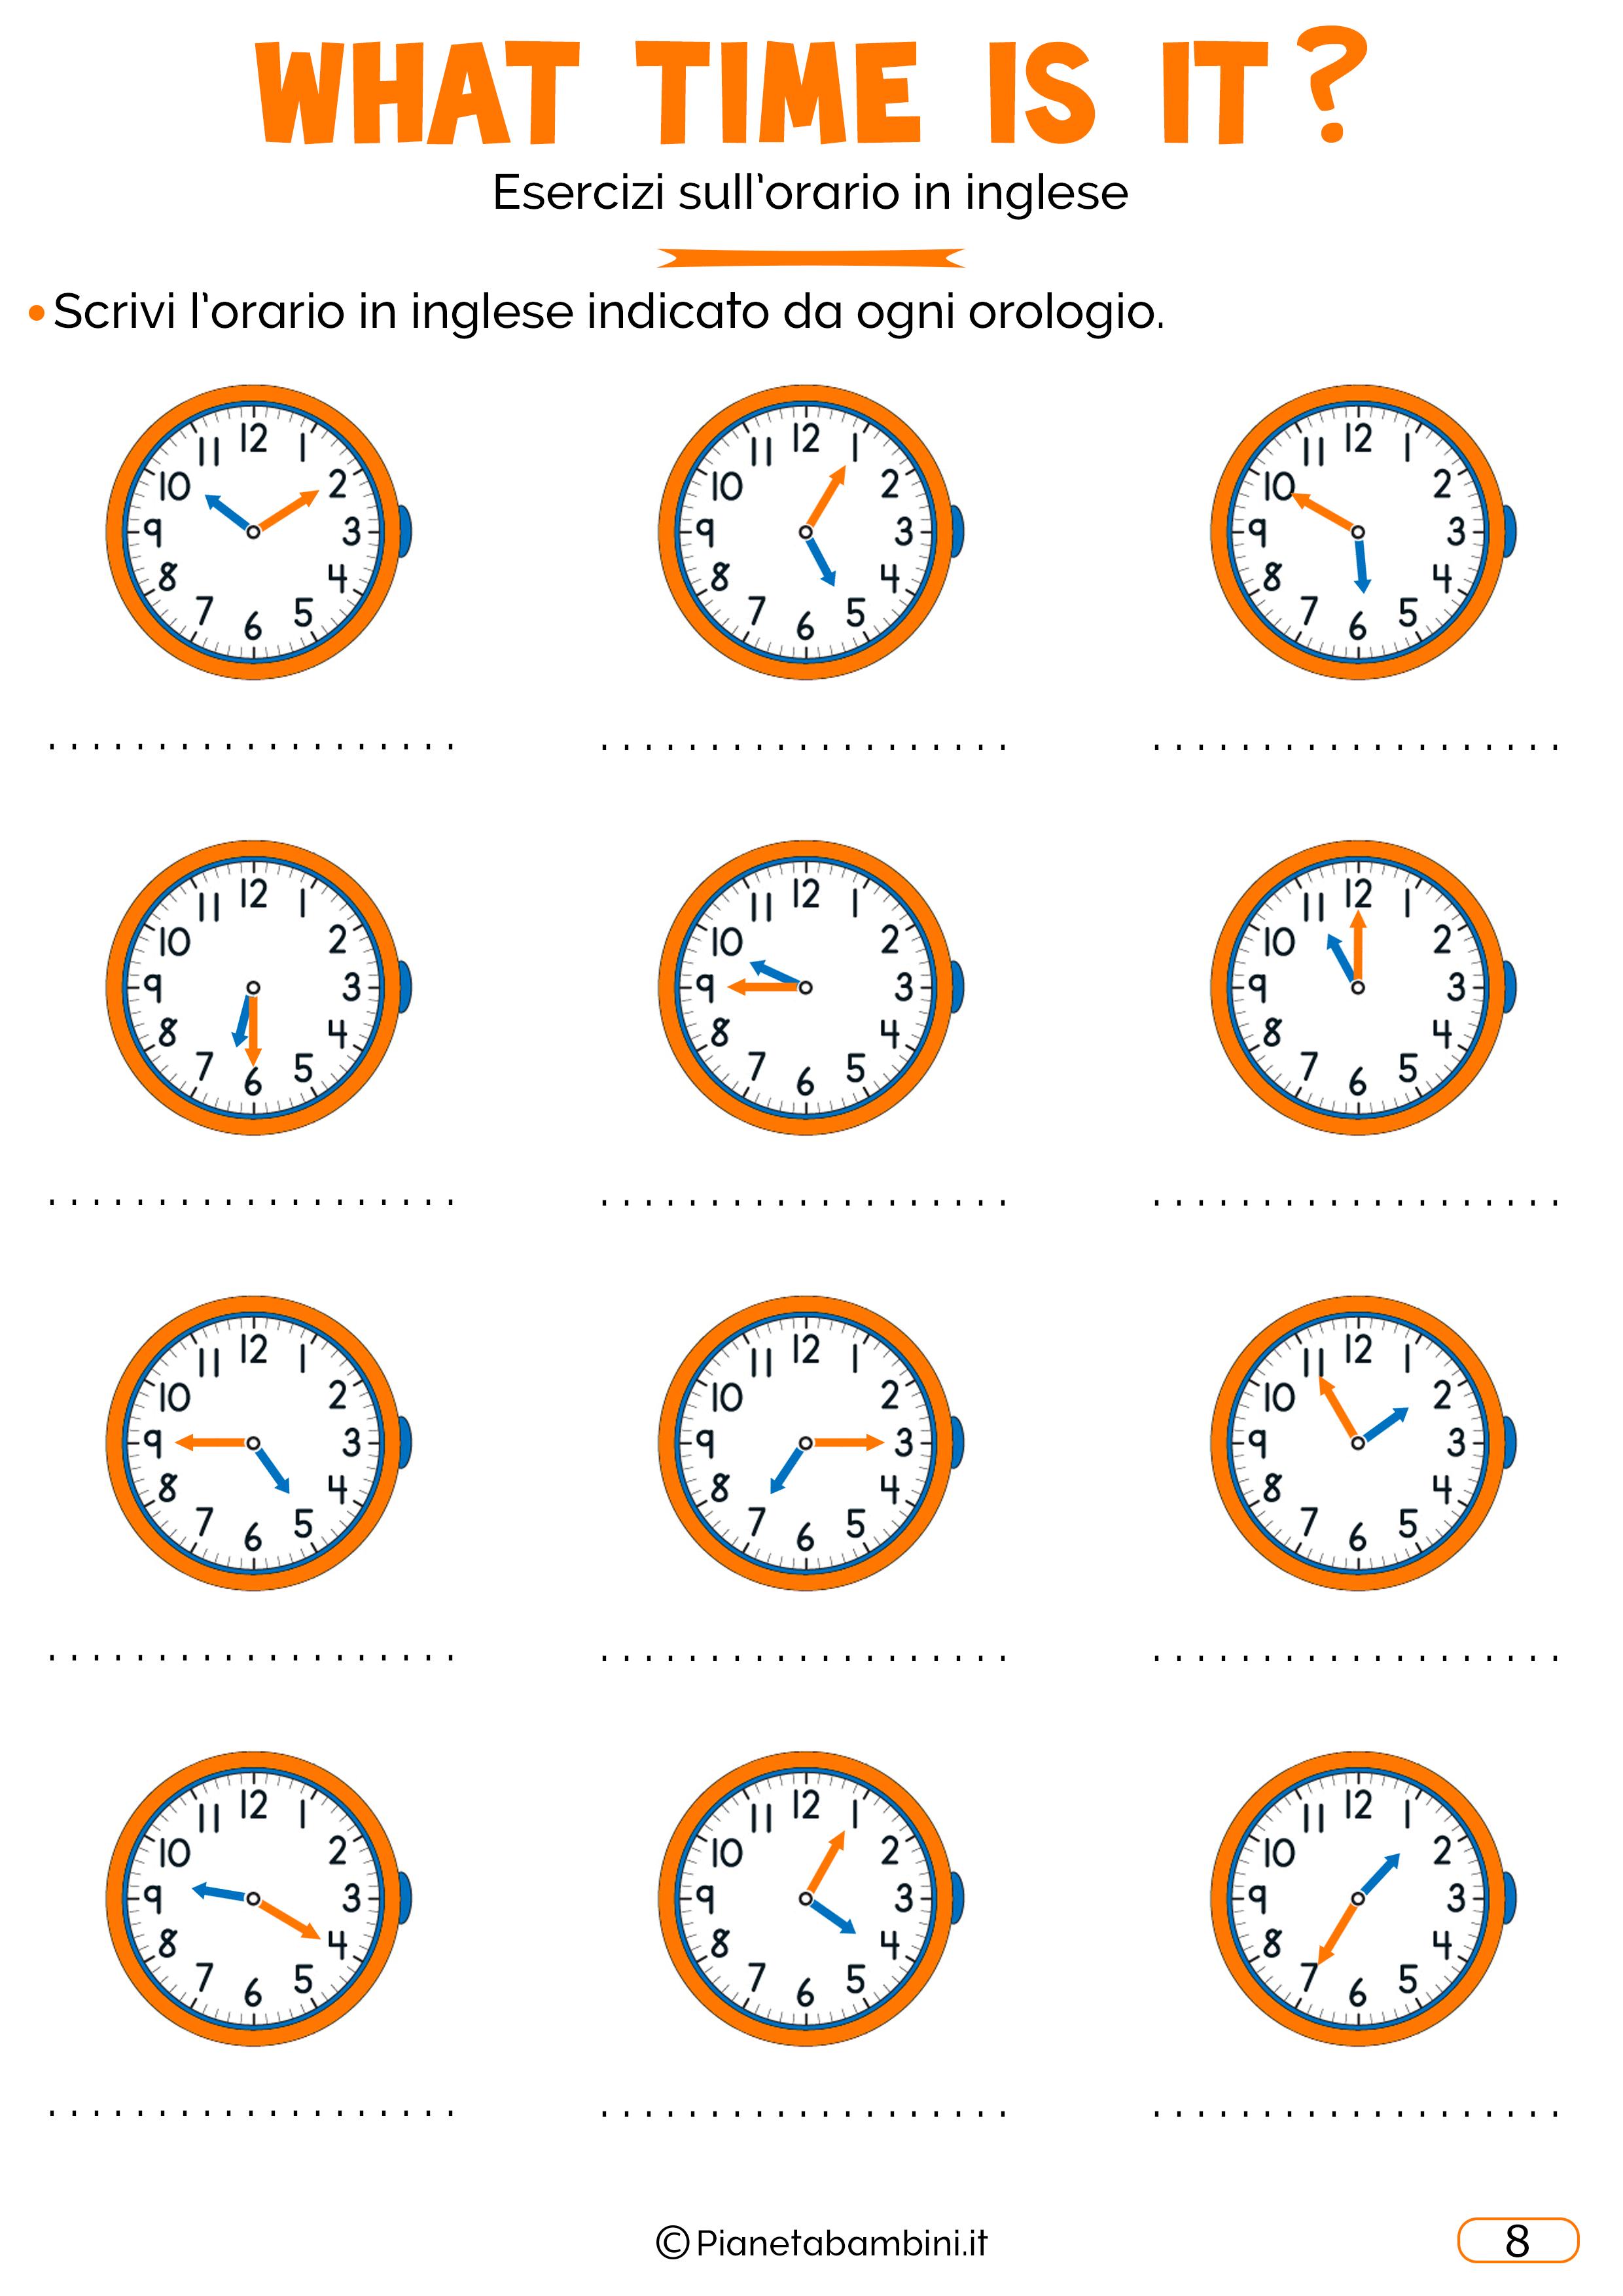 Scheda didattica sull'orario in inglese 08